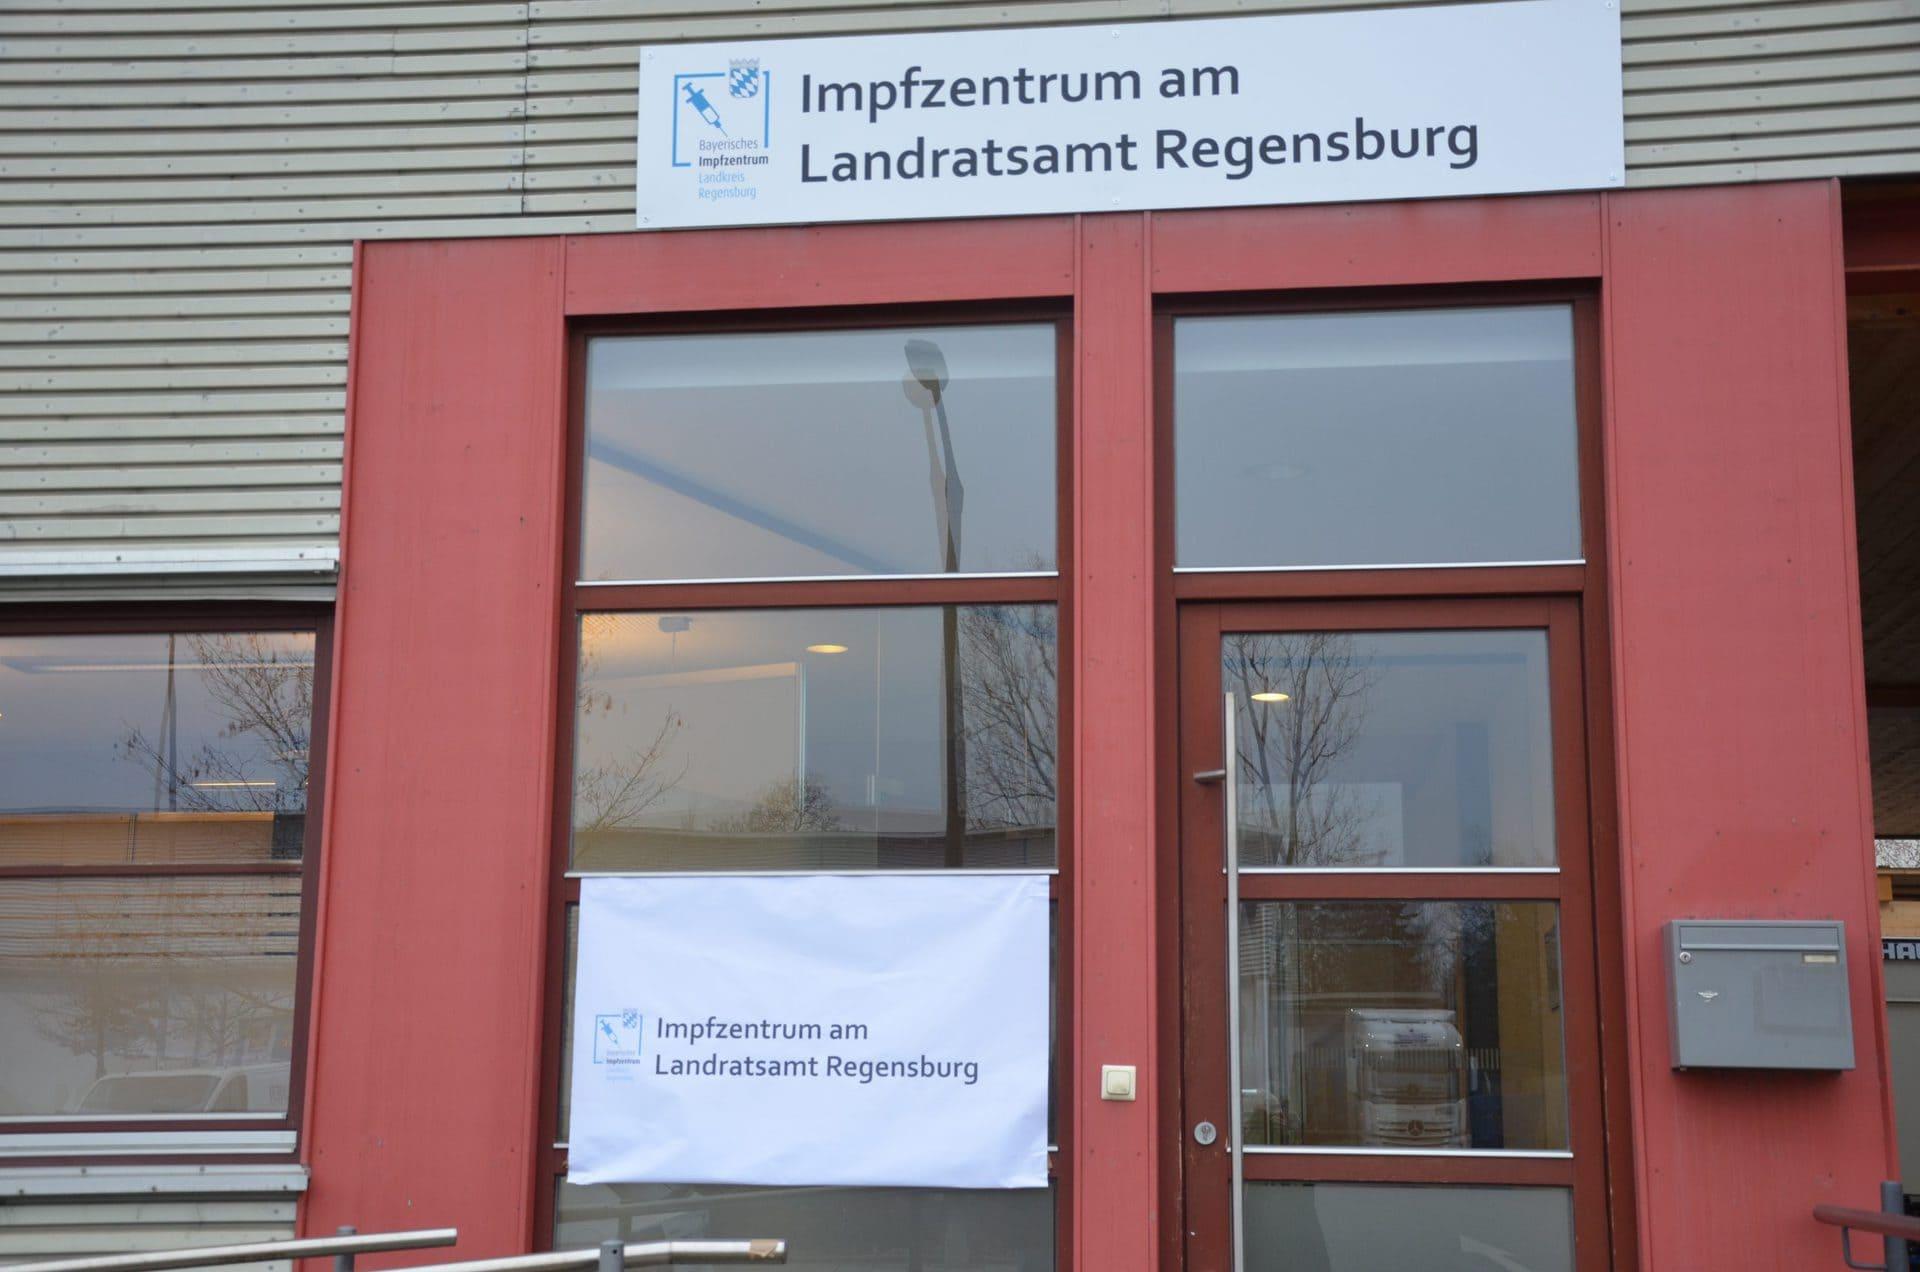 Impfquote im Landkreis Regensburg steigt auf 22,3 Prozent